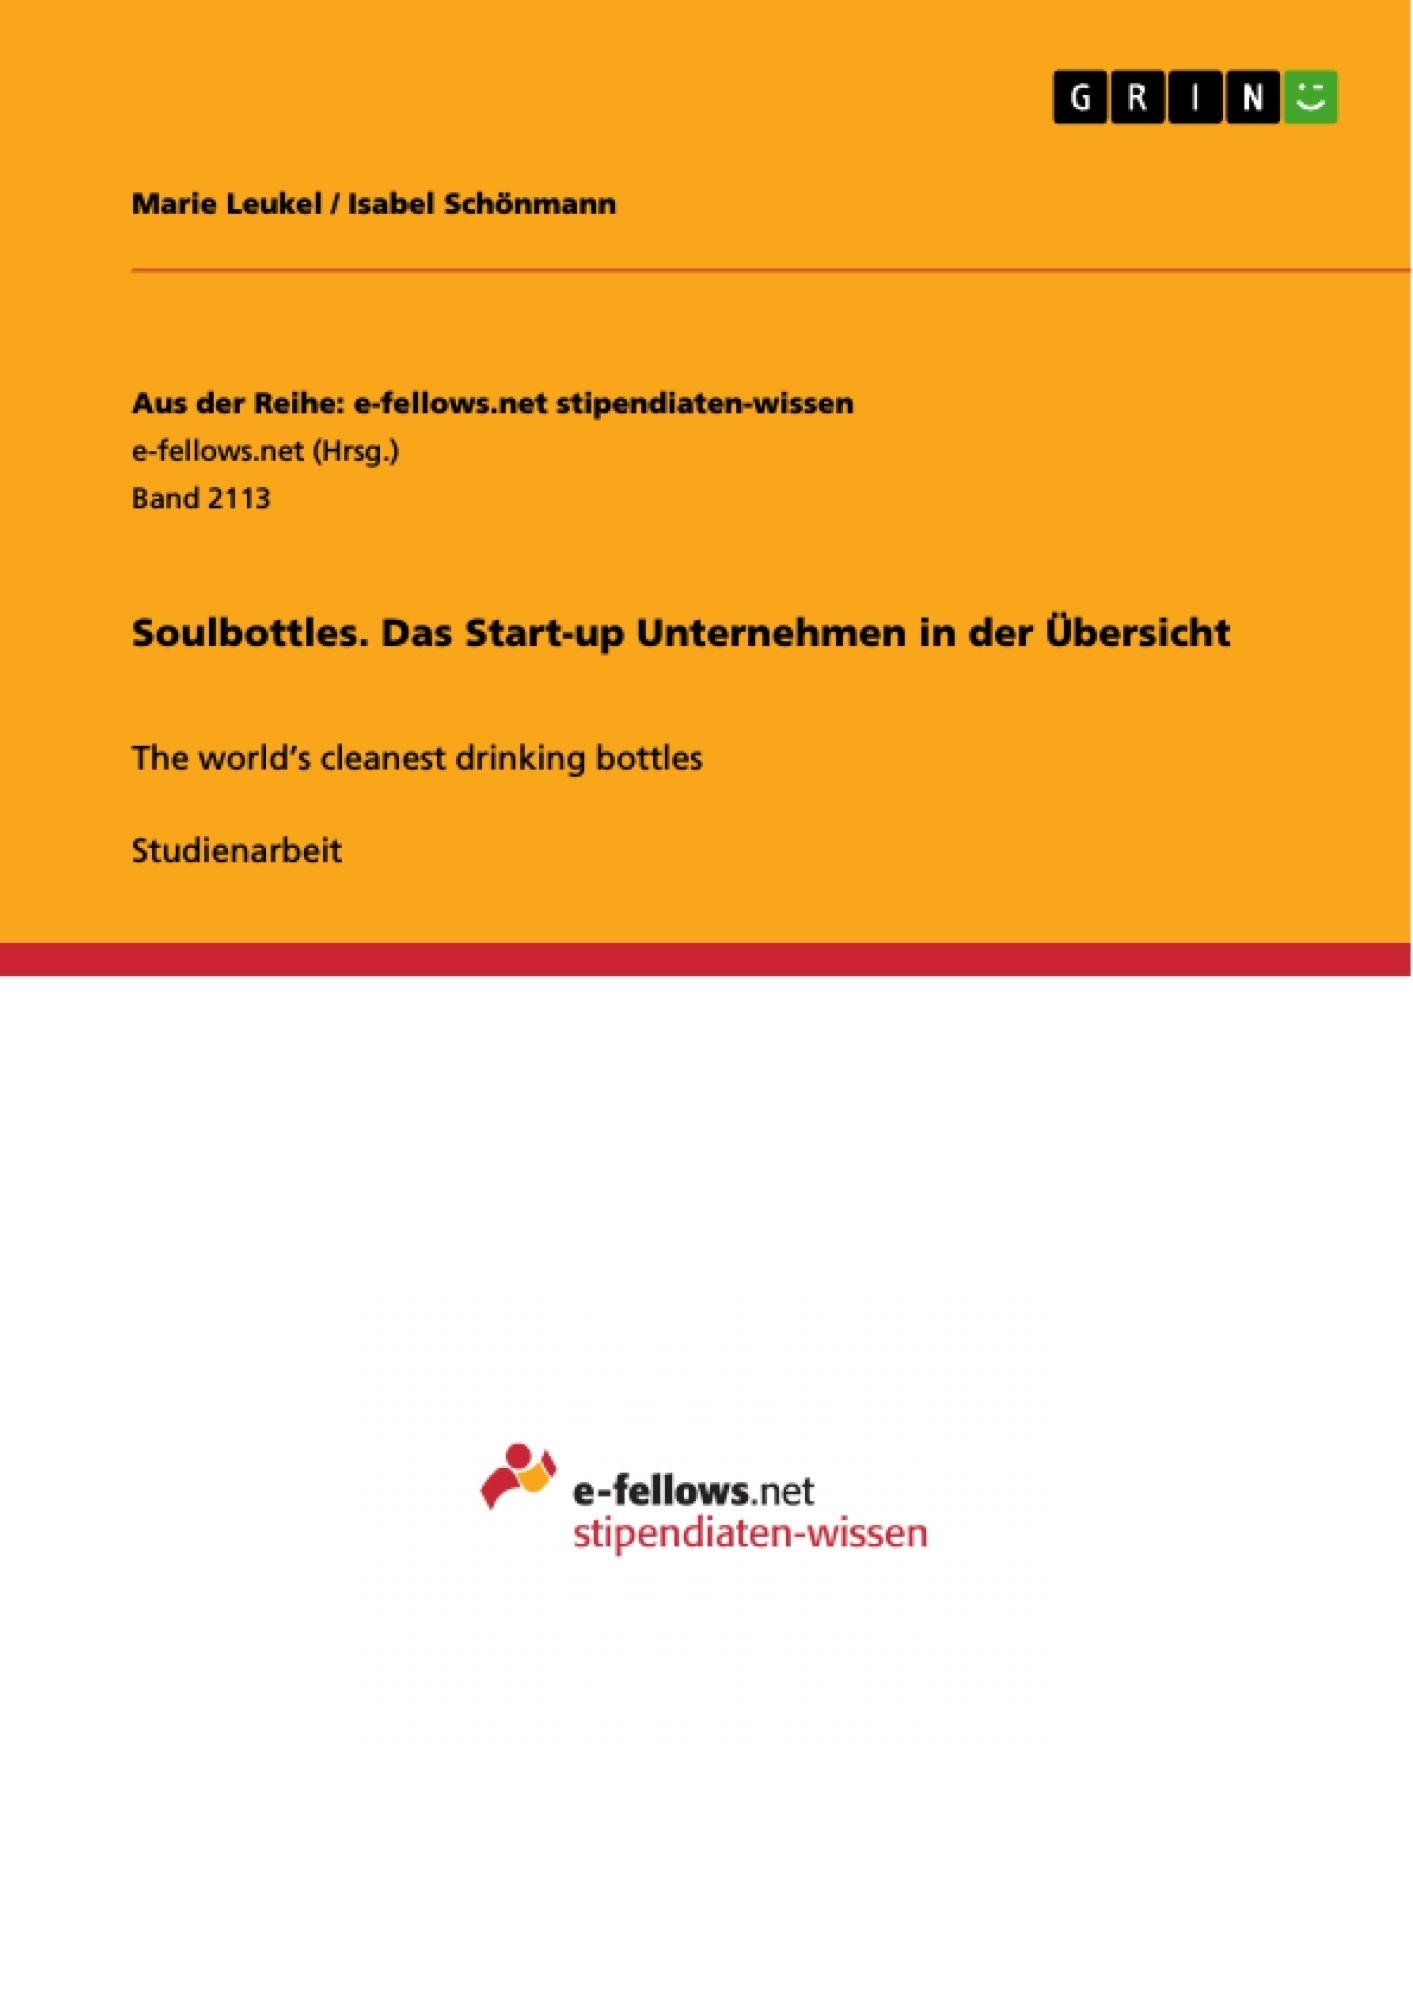 Titel: Soulbottles. Das Start-up Unternehmen in der Übersicht